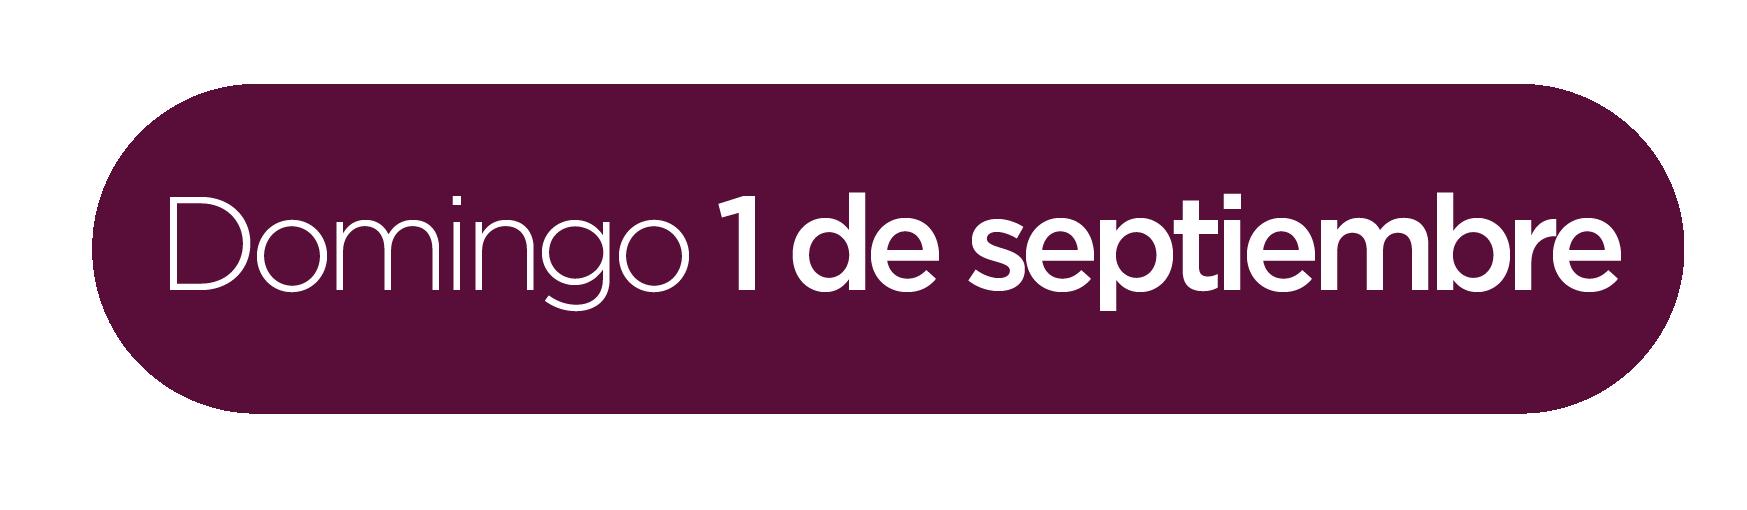 Domingo 1 de septiembre